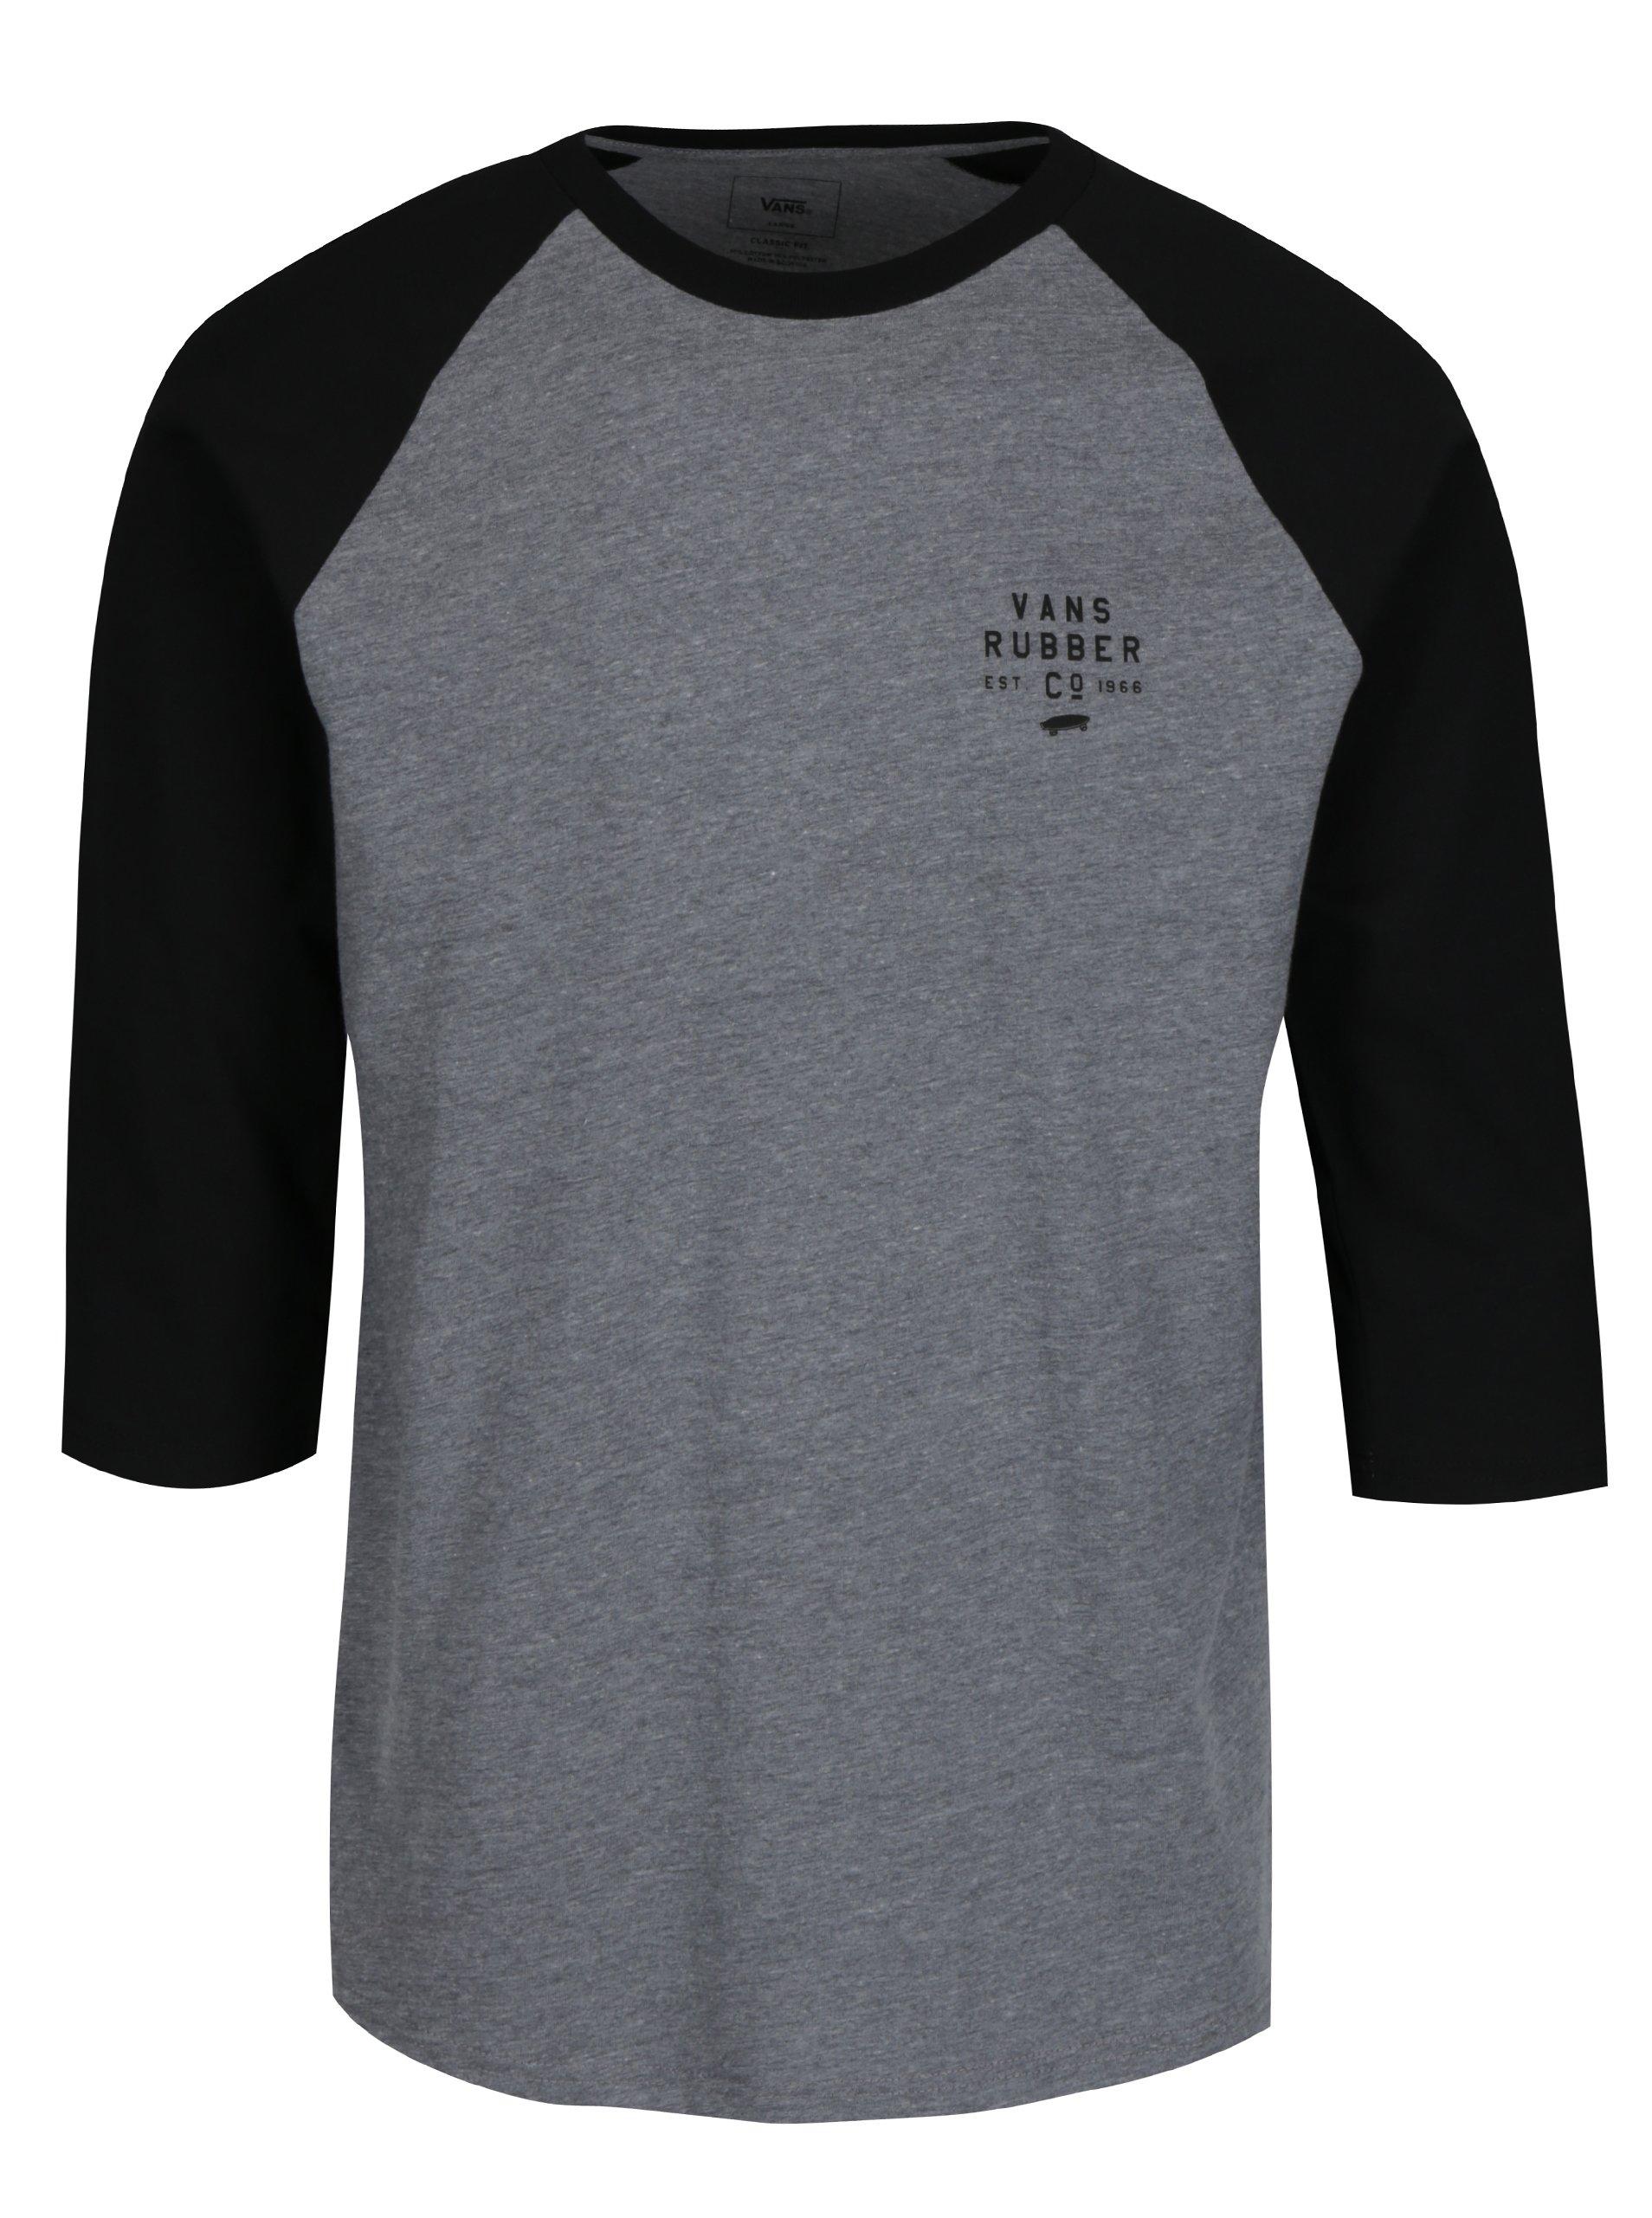 Čierno-sivé pánske melírované tričko s potlačou VANS Stacked Rubber 7a083bd908